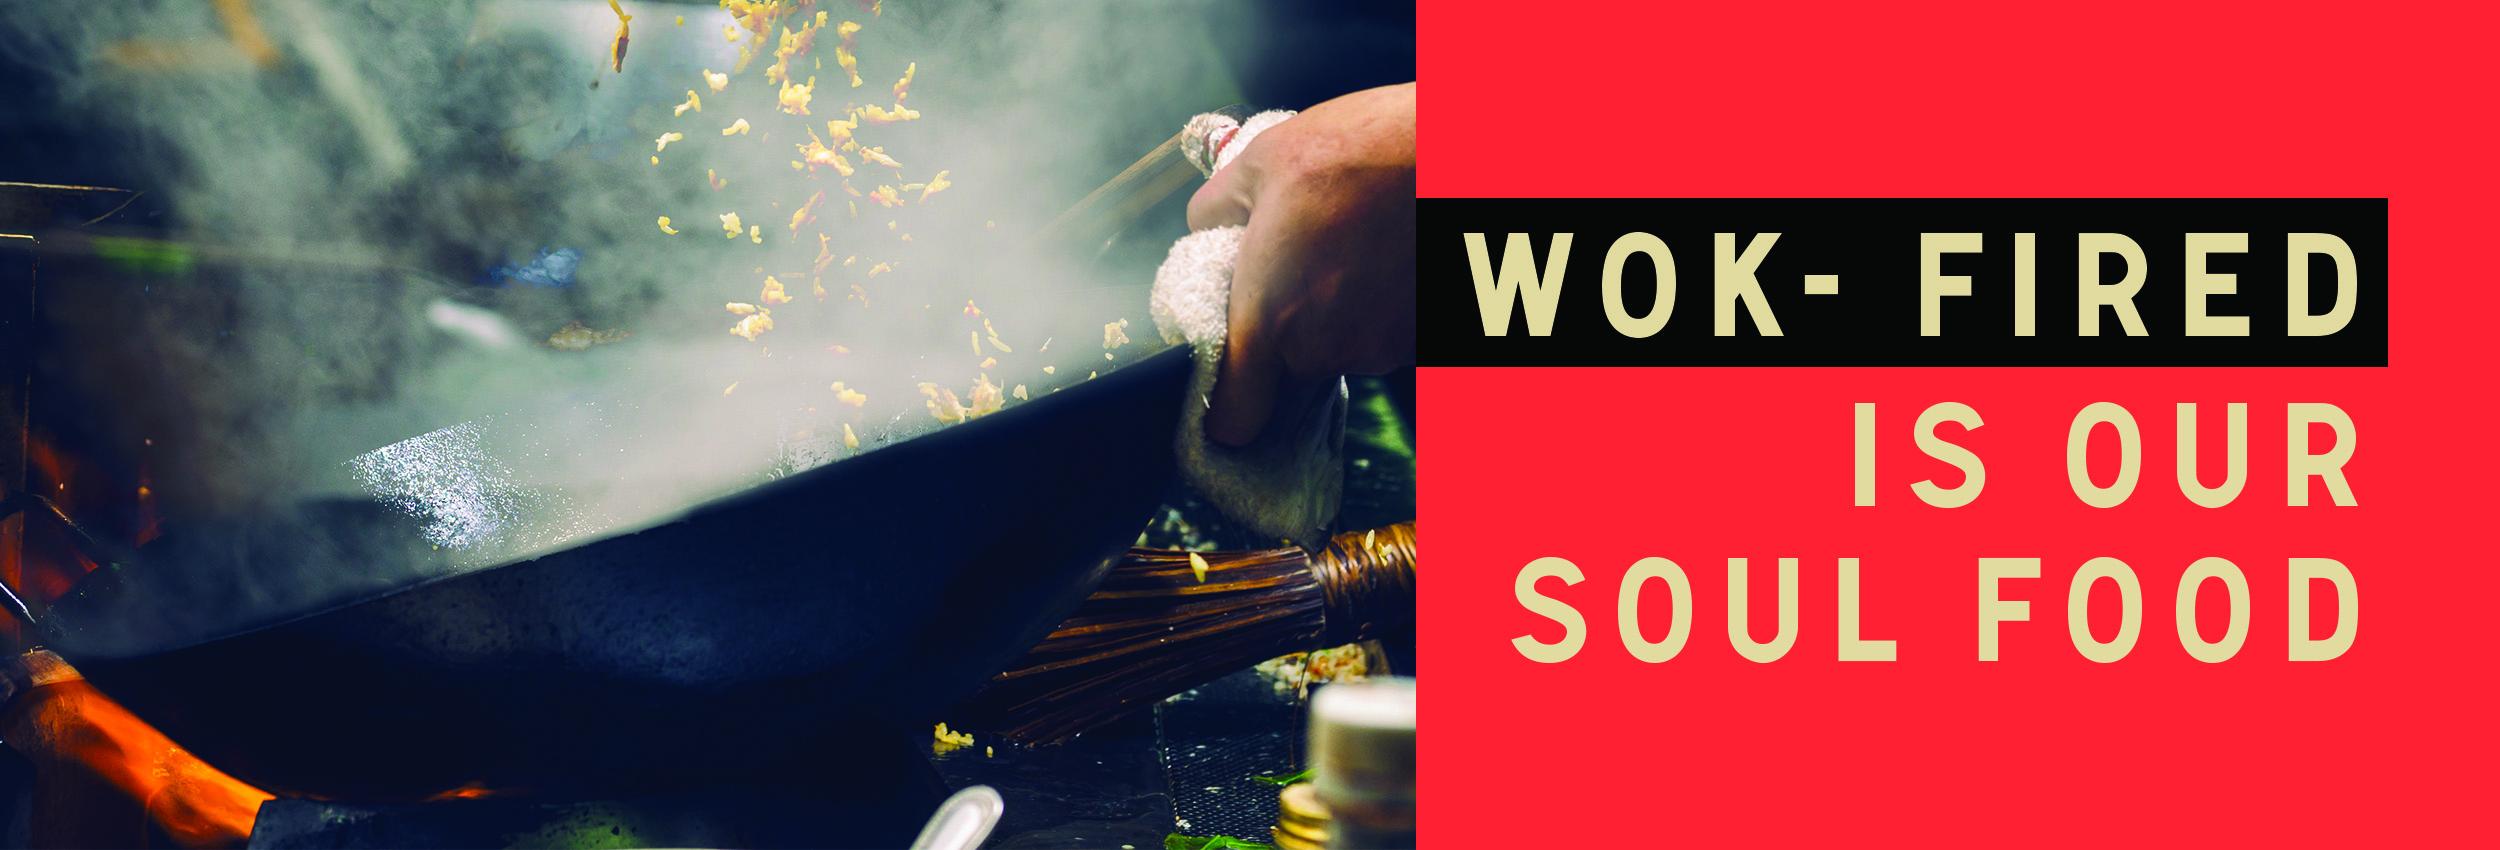 wok-fired.jpg